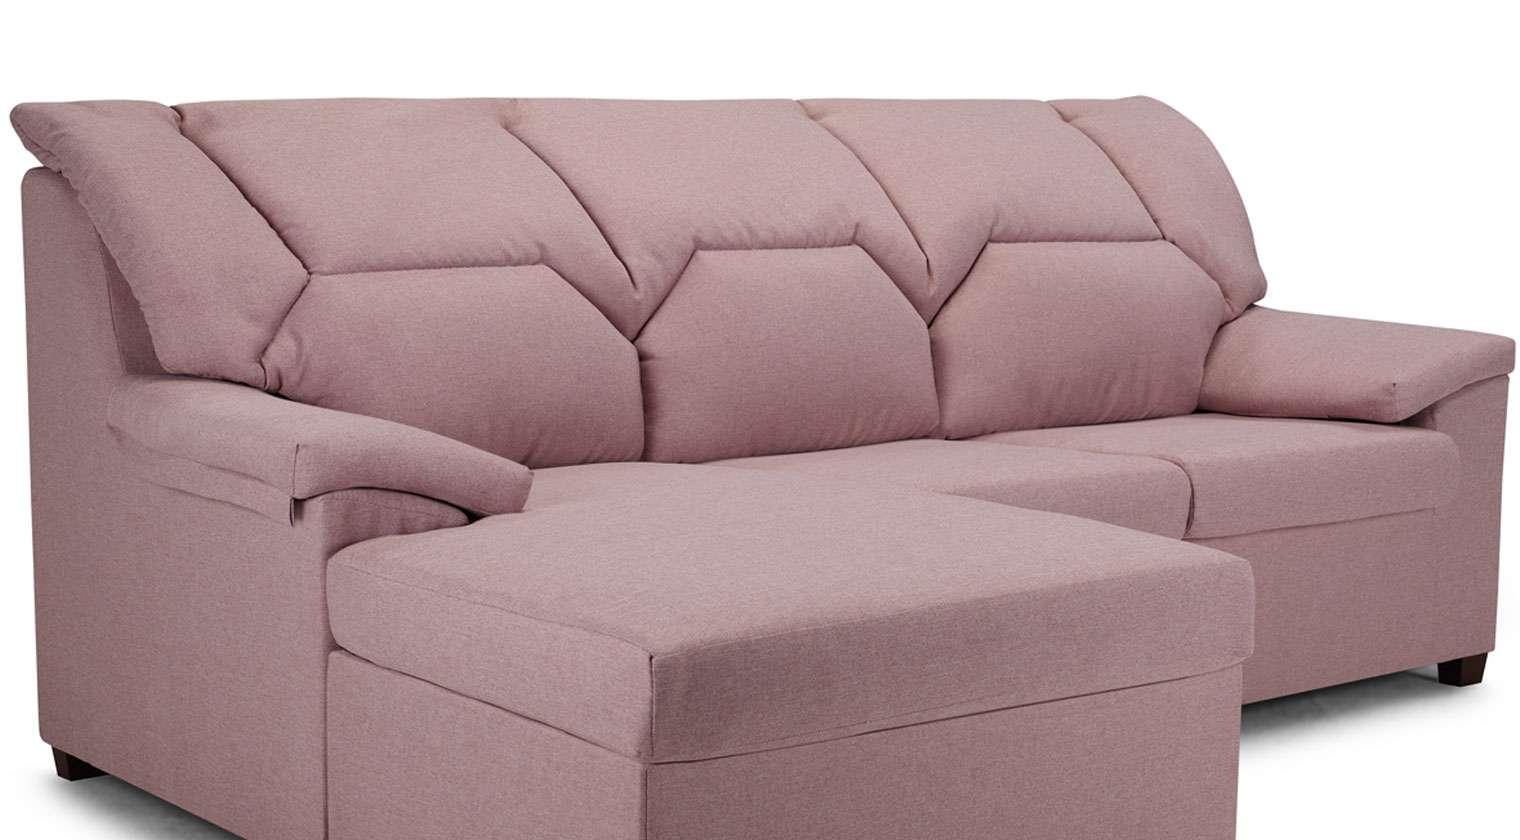 Comprar chaise longue tela morfeo chaise longue derecha 3 for Chaise longue comprar